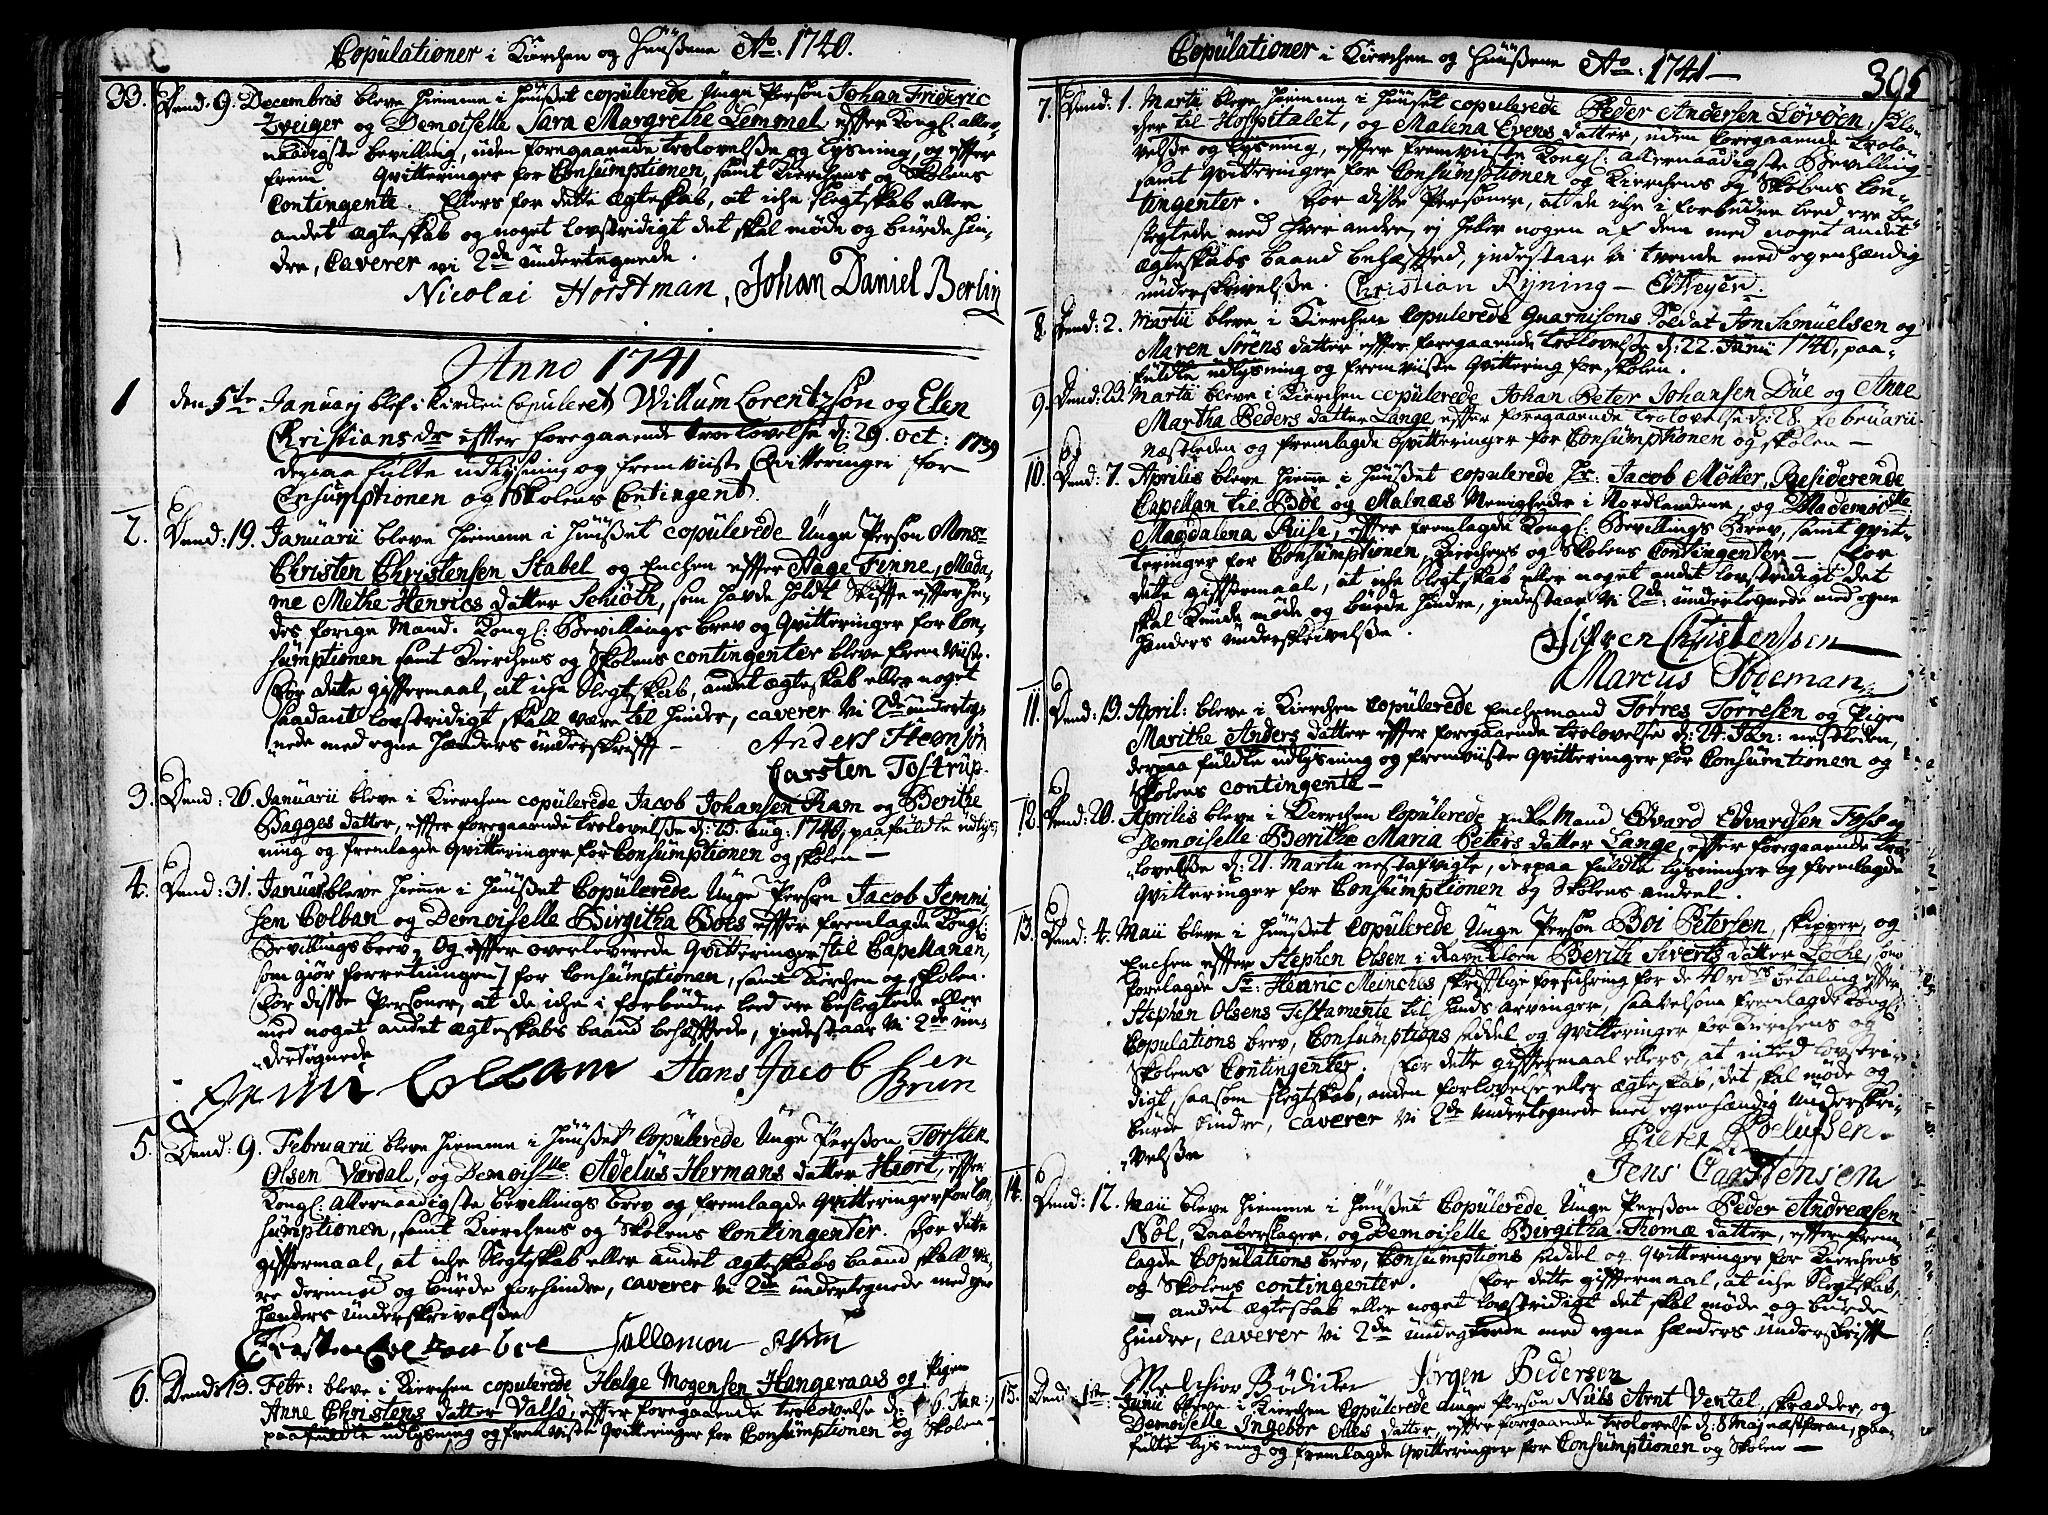 SAT, Ministerialprotokoller, klokkerbøker og fødselsregistre - Sør-Trøndelag, 602/L0103: Ministerialbok nr. 602A01, 1732-1774, s. 395